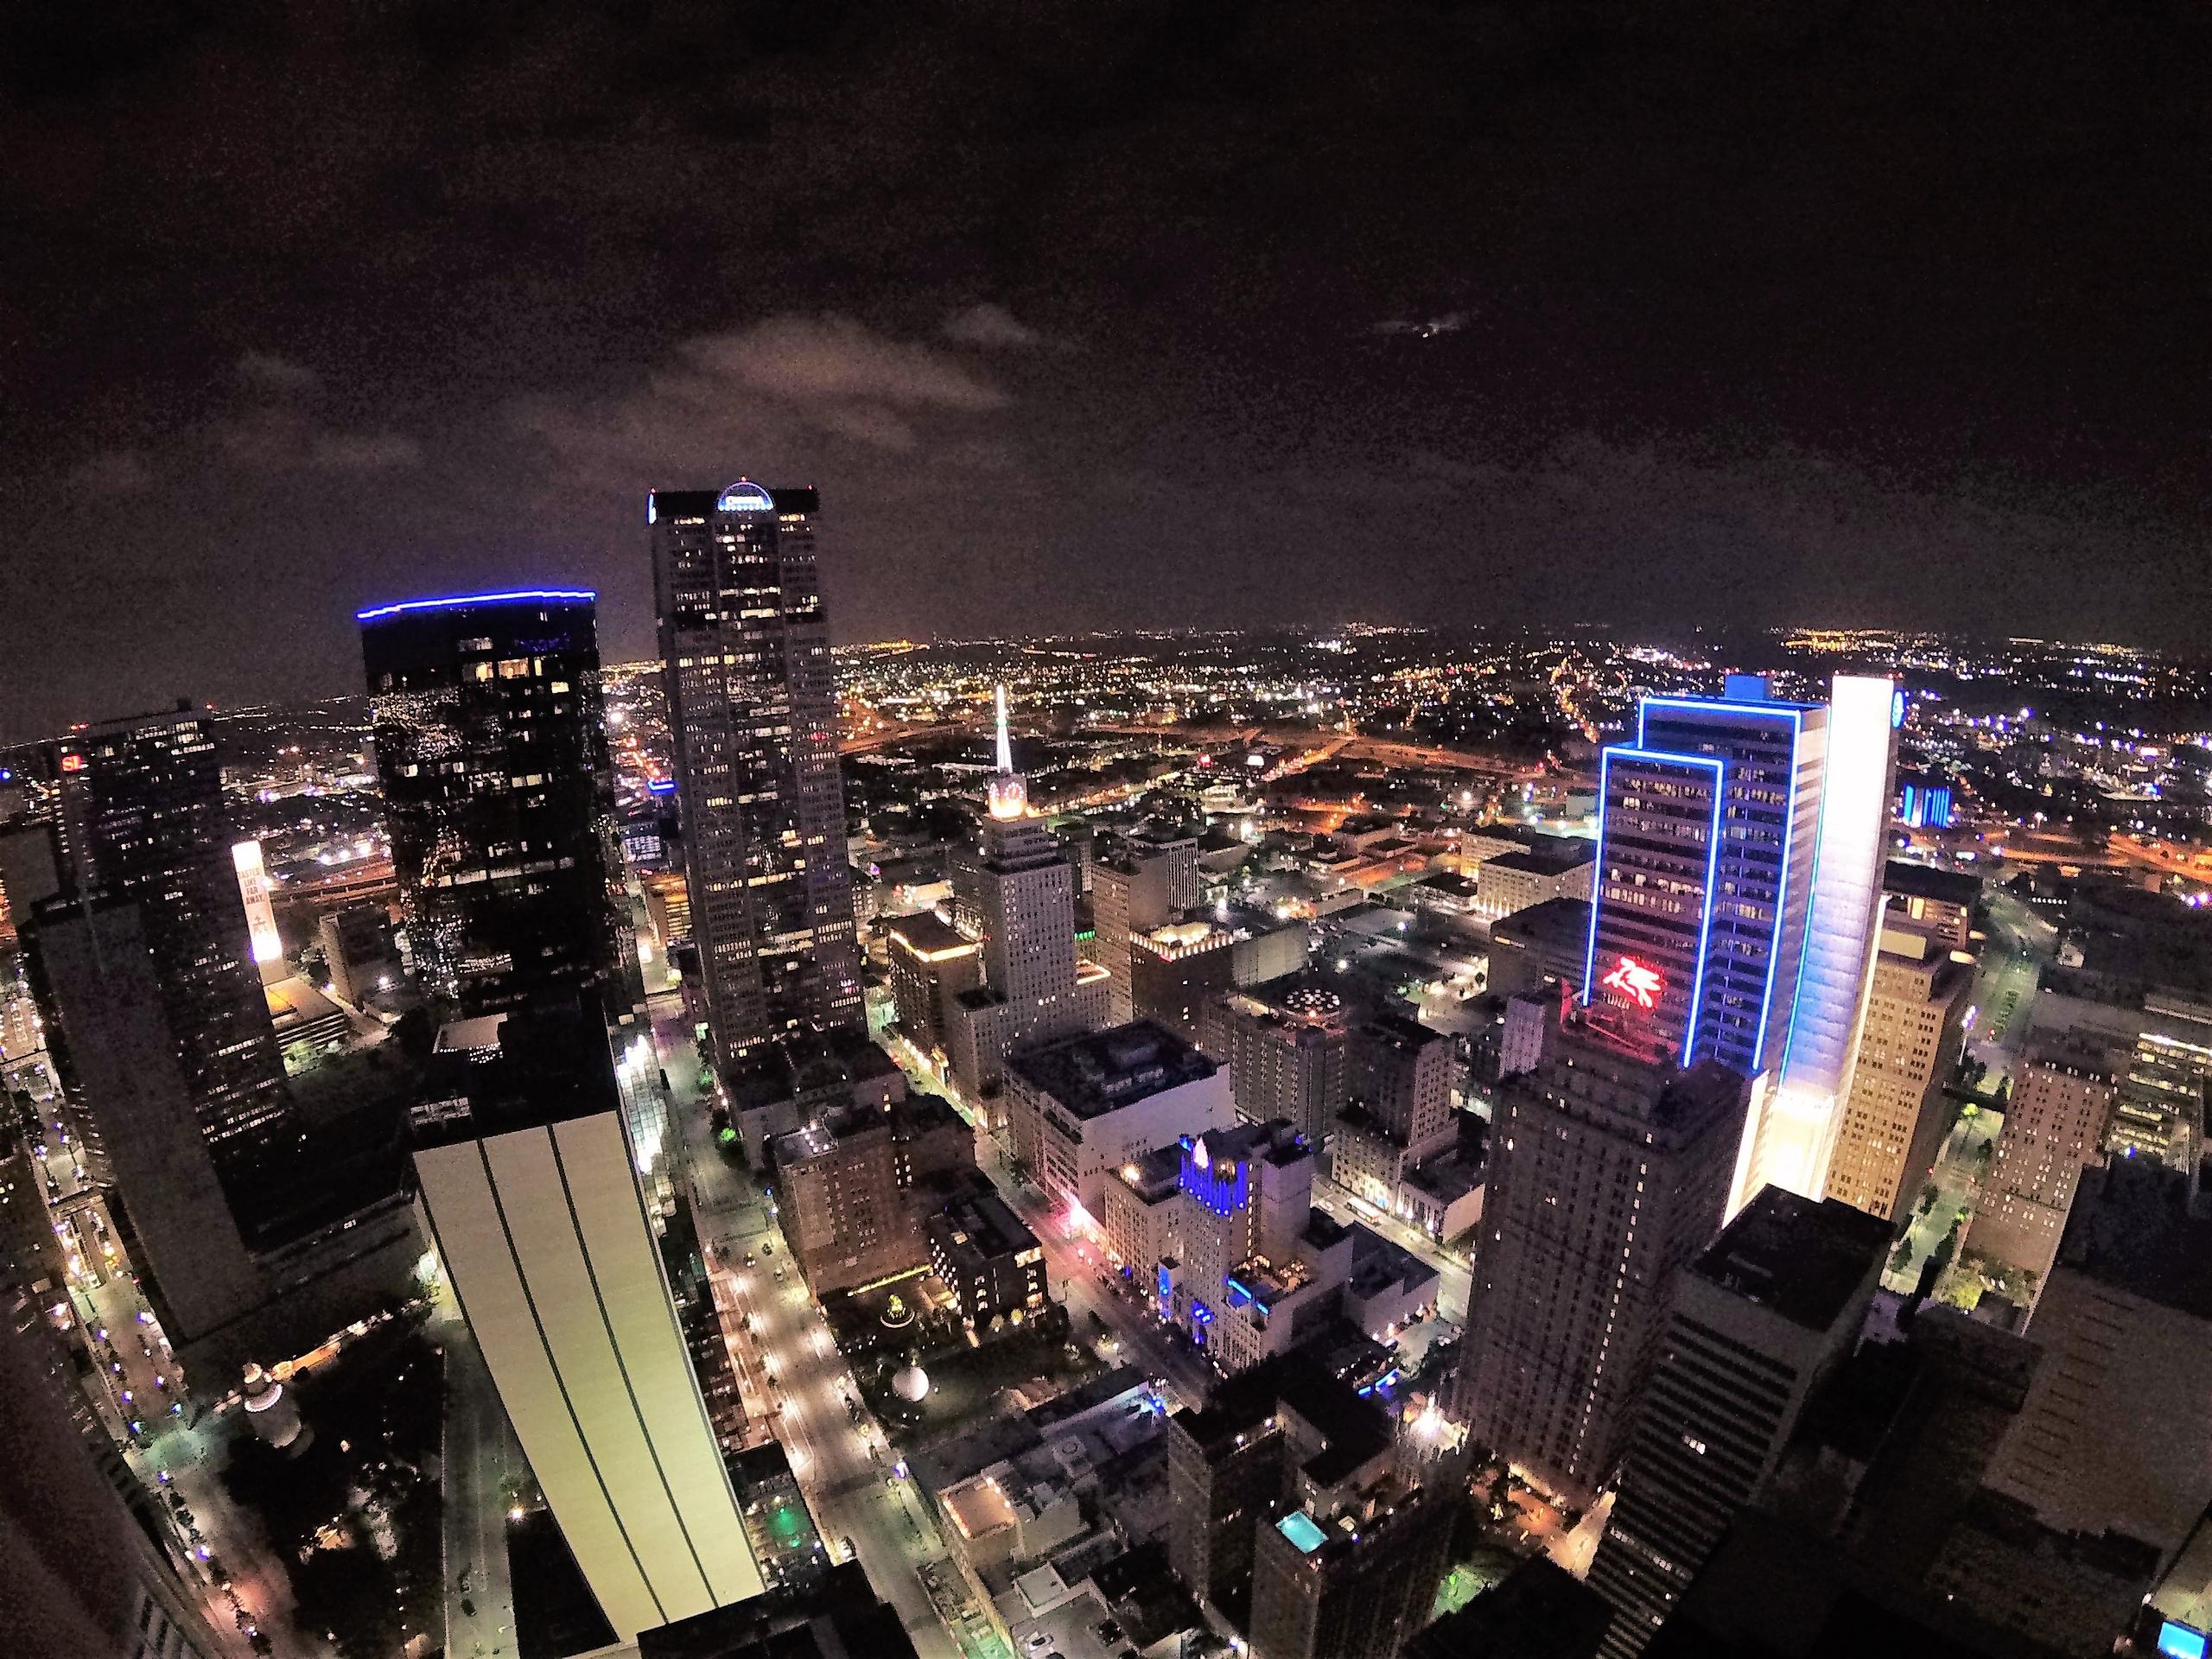 Dallas, Texas - portculture, dallas - _westo_ | ello